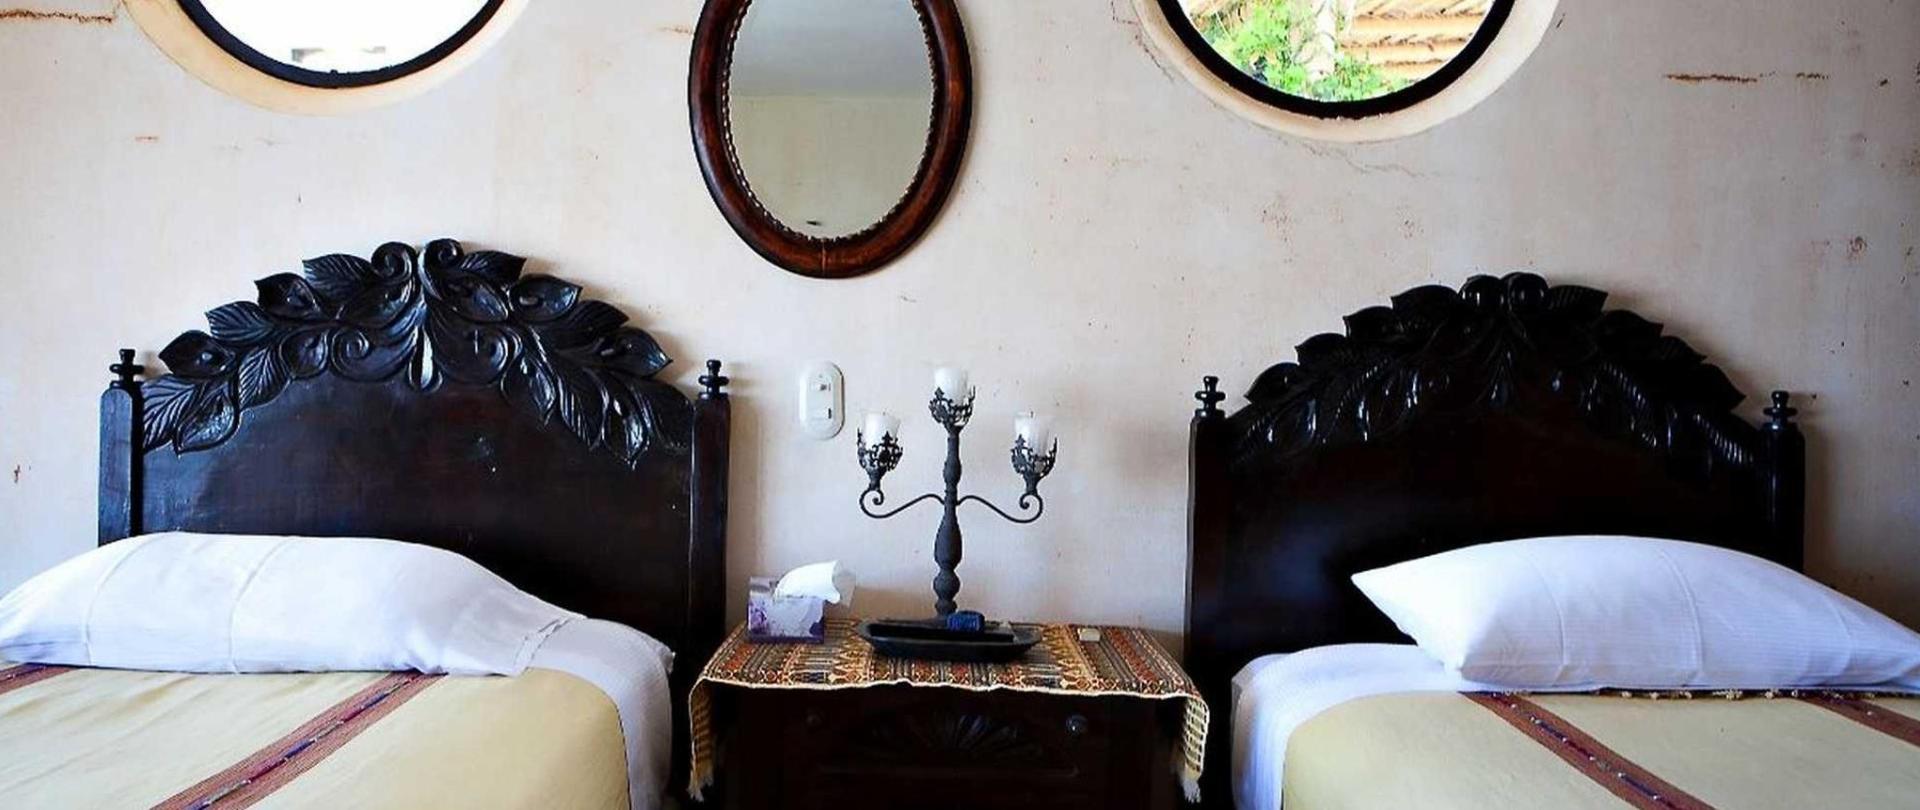 bedroom-one1.jpg.1920x807_default.jpg